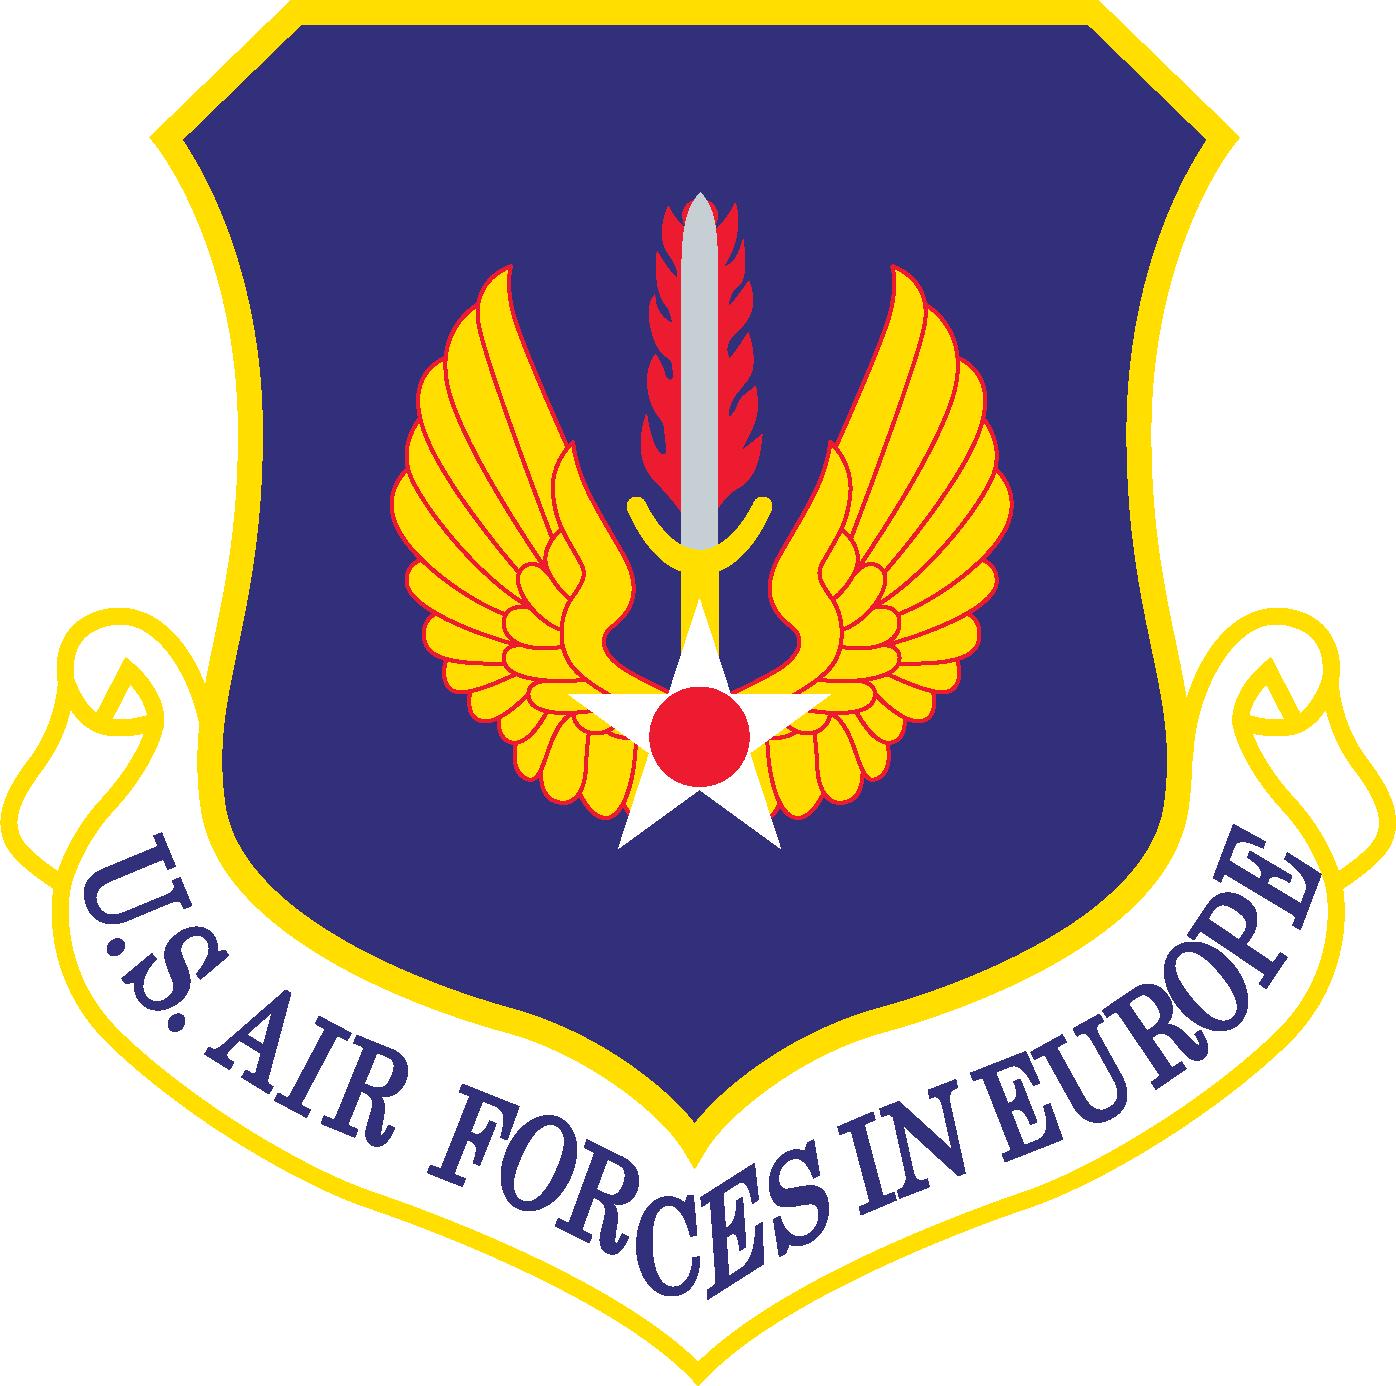 833rd aero squadron - Usaf Europe